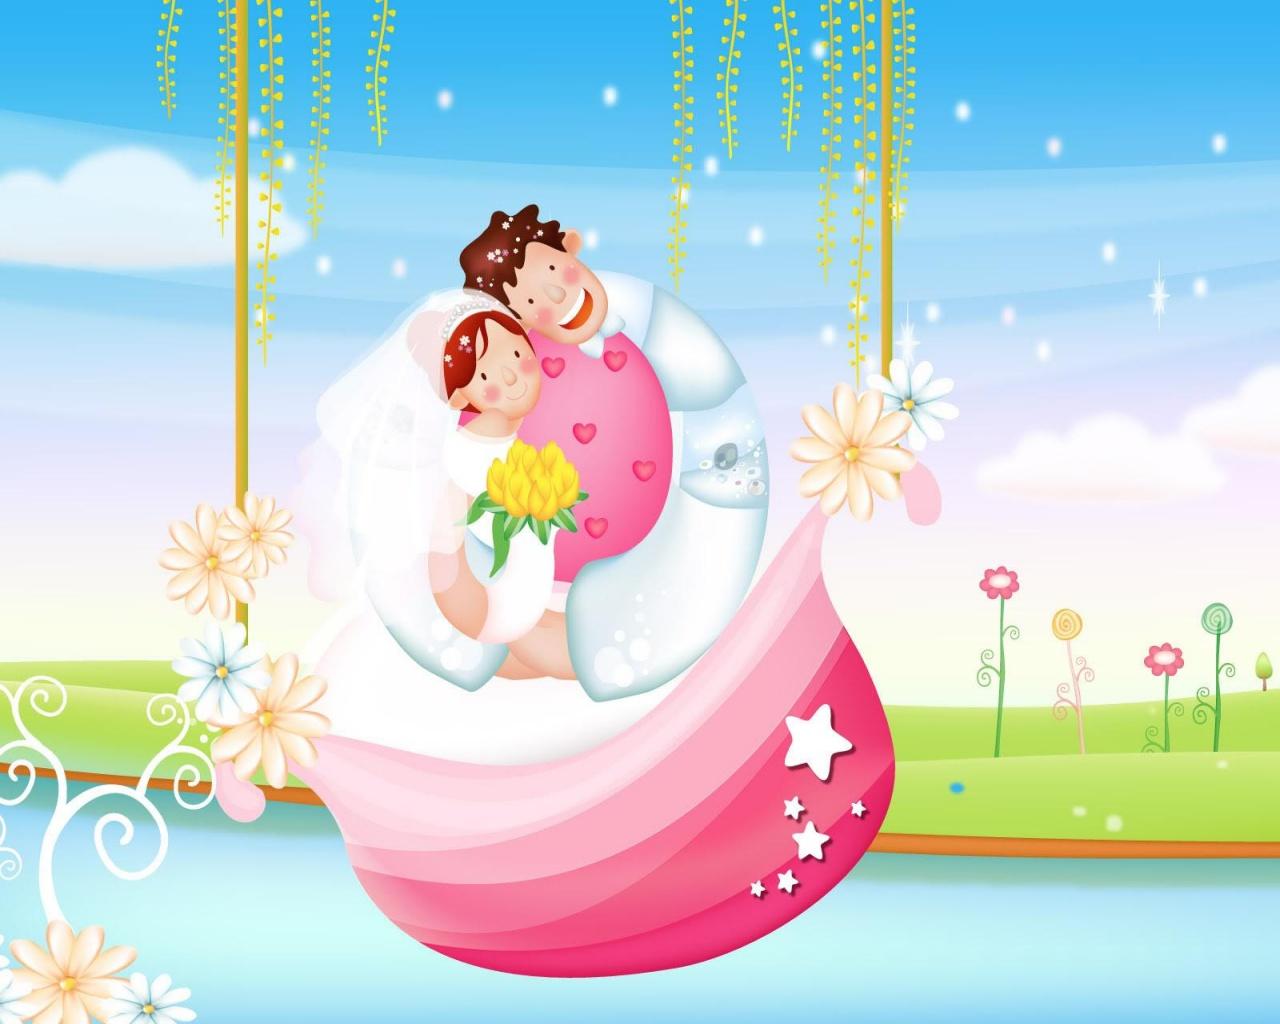 تصاویر زیبای عاشقانه ولنتاین